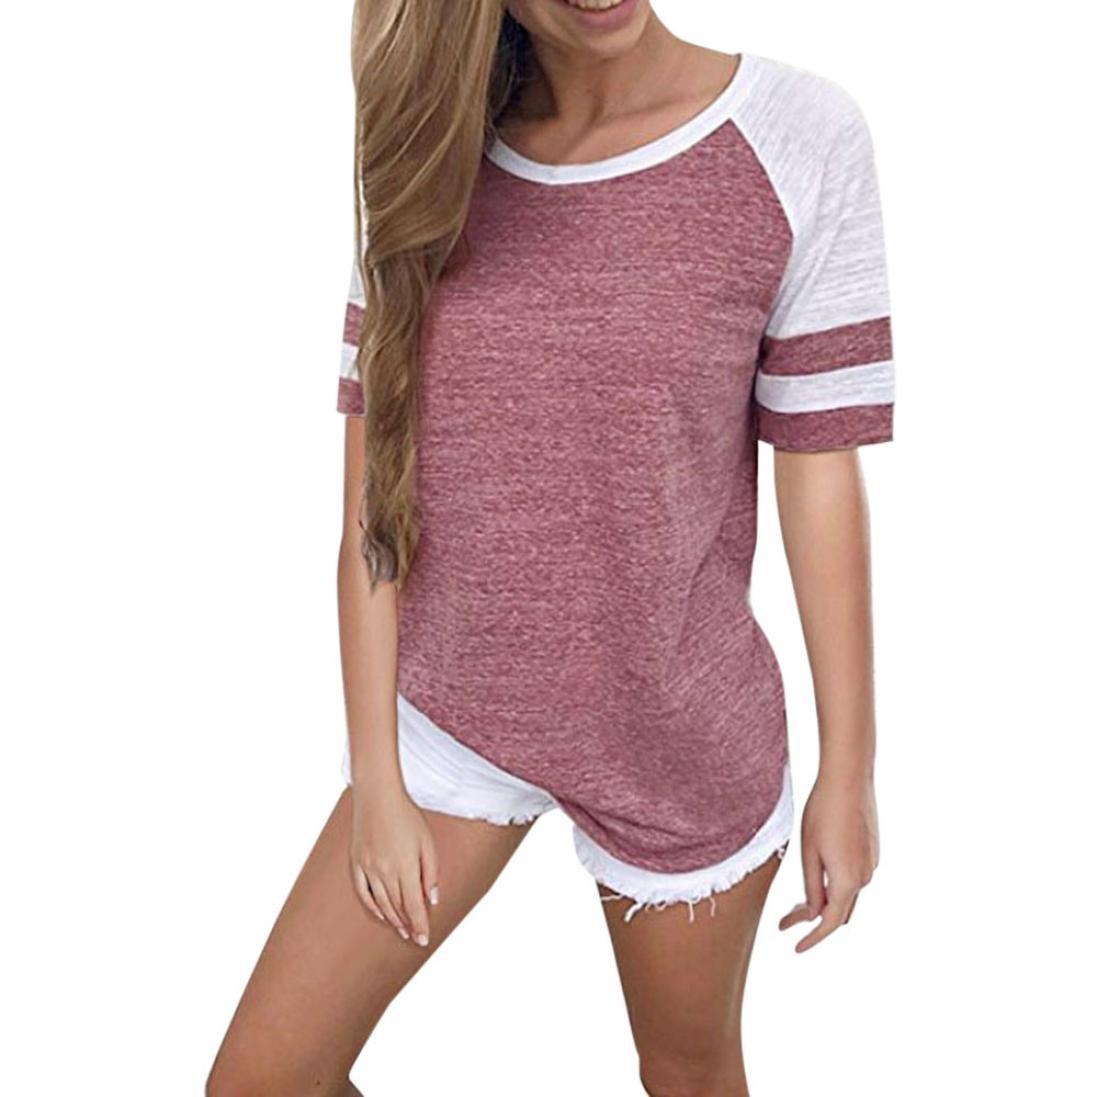 超歓迎 fimkaulファッションレディース半袖ステッチブラウスOネックトップスゆったりカジュアルTシャツ Small B07CLMBWKK ピンク Small ピンク B07CLMBWKK, SaganStyle:966801af --- a0267596.xsph.ru